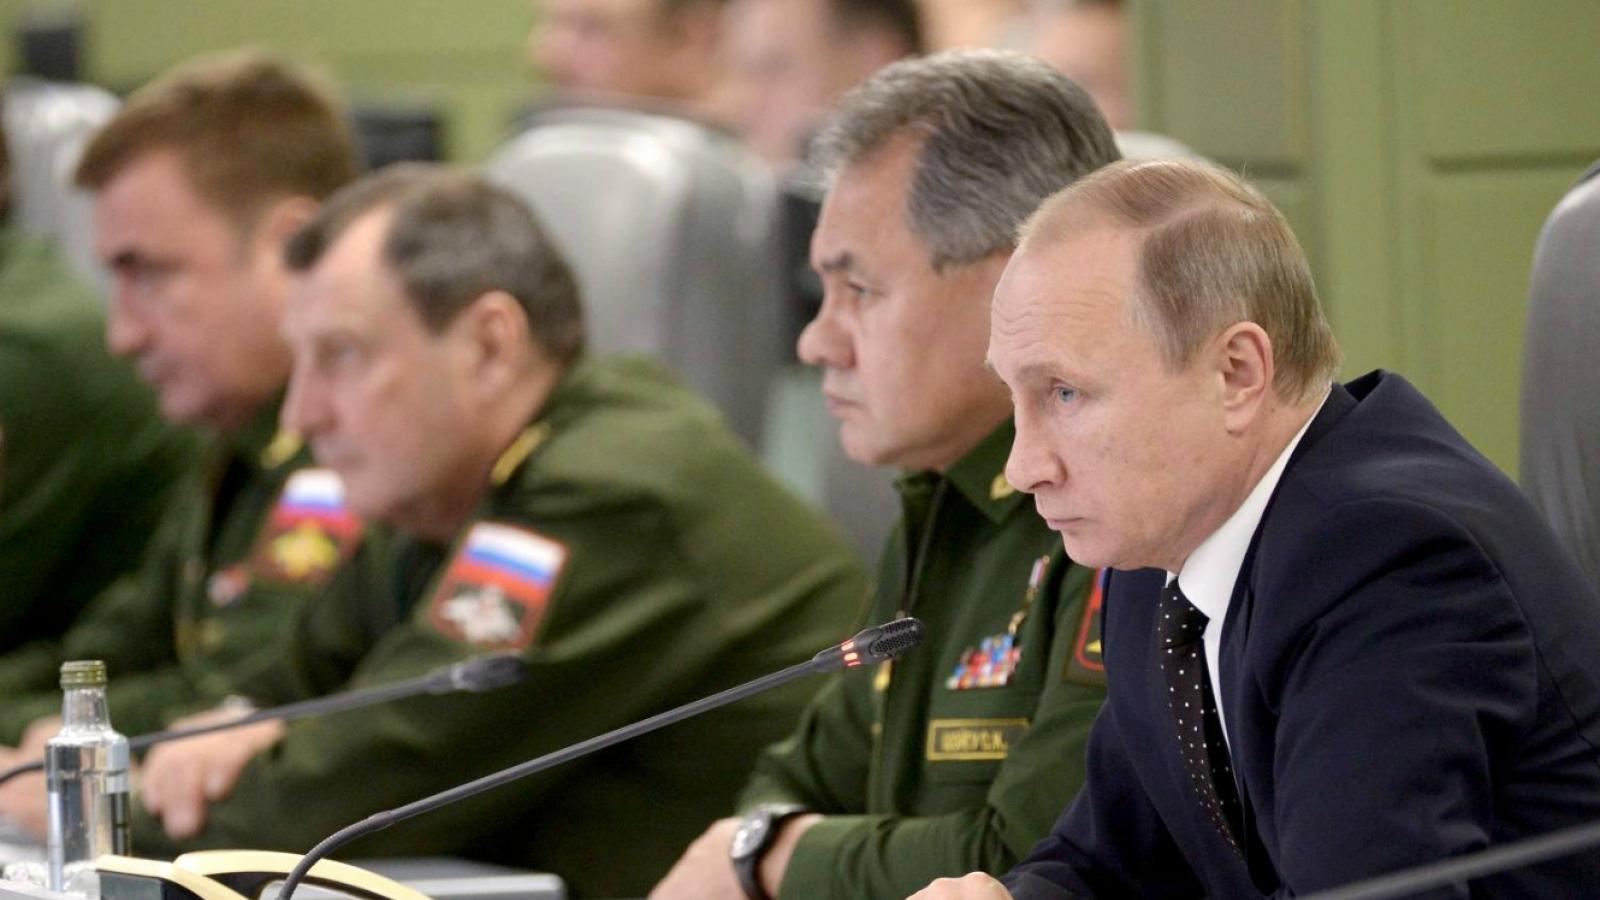 Hé lộ những nội dung đáng chú ý trong chiến lược an ninh mới của Nga